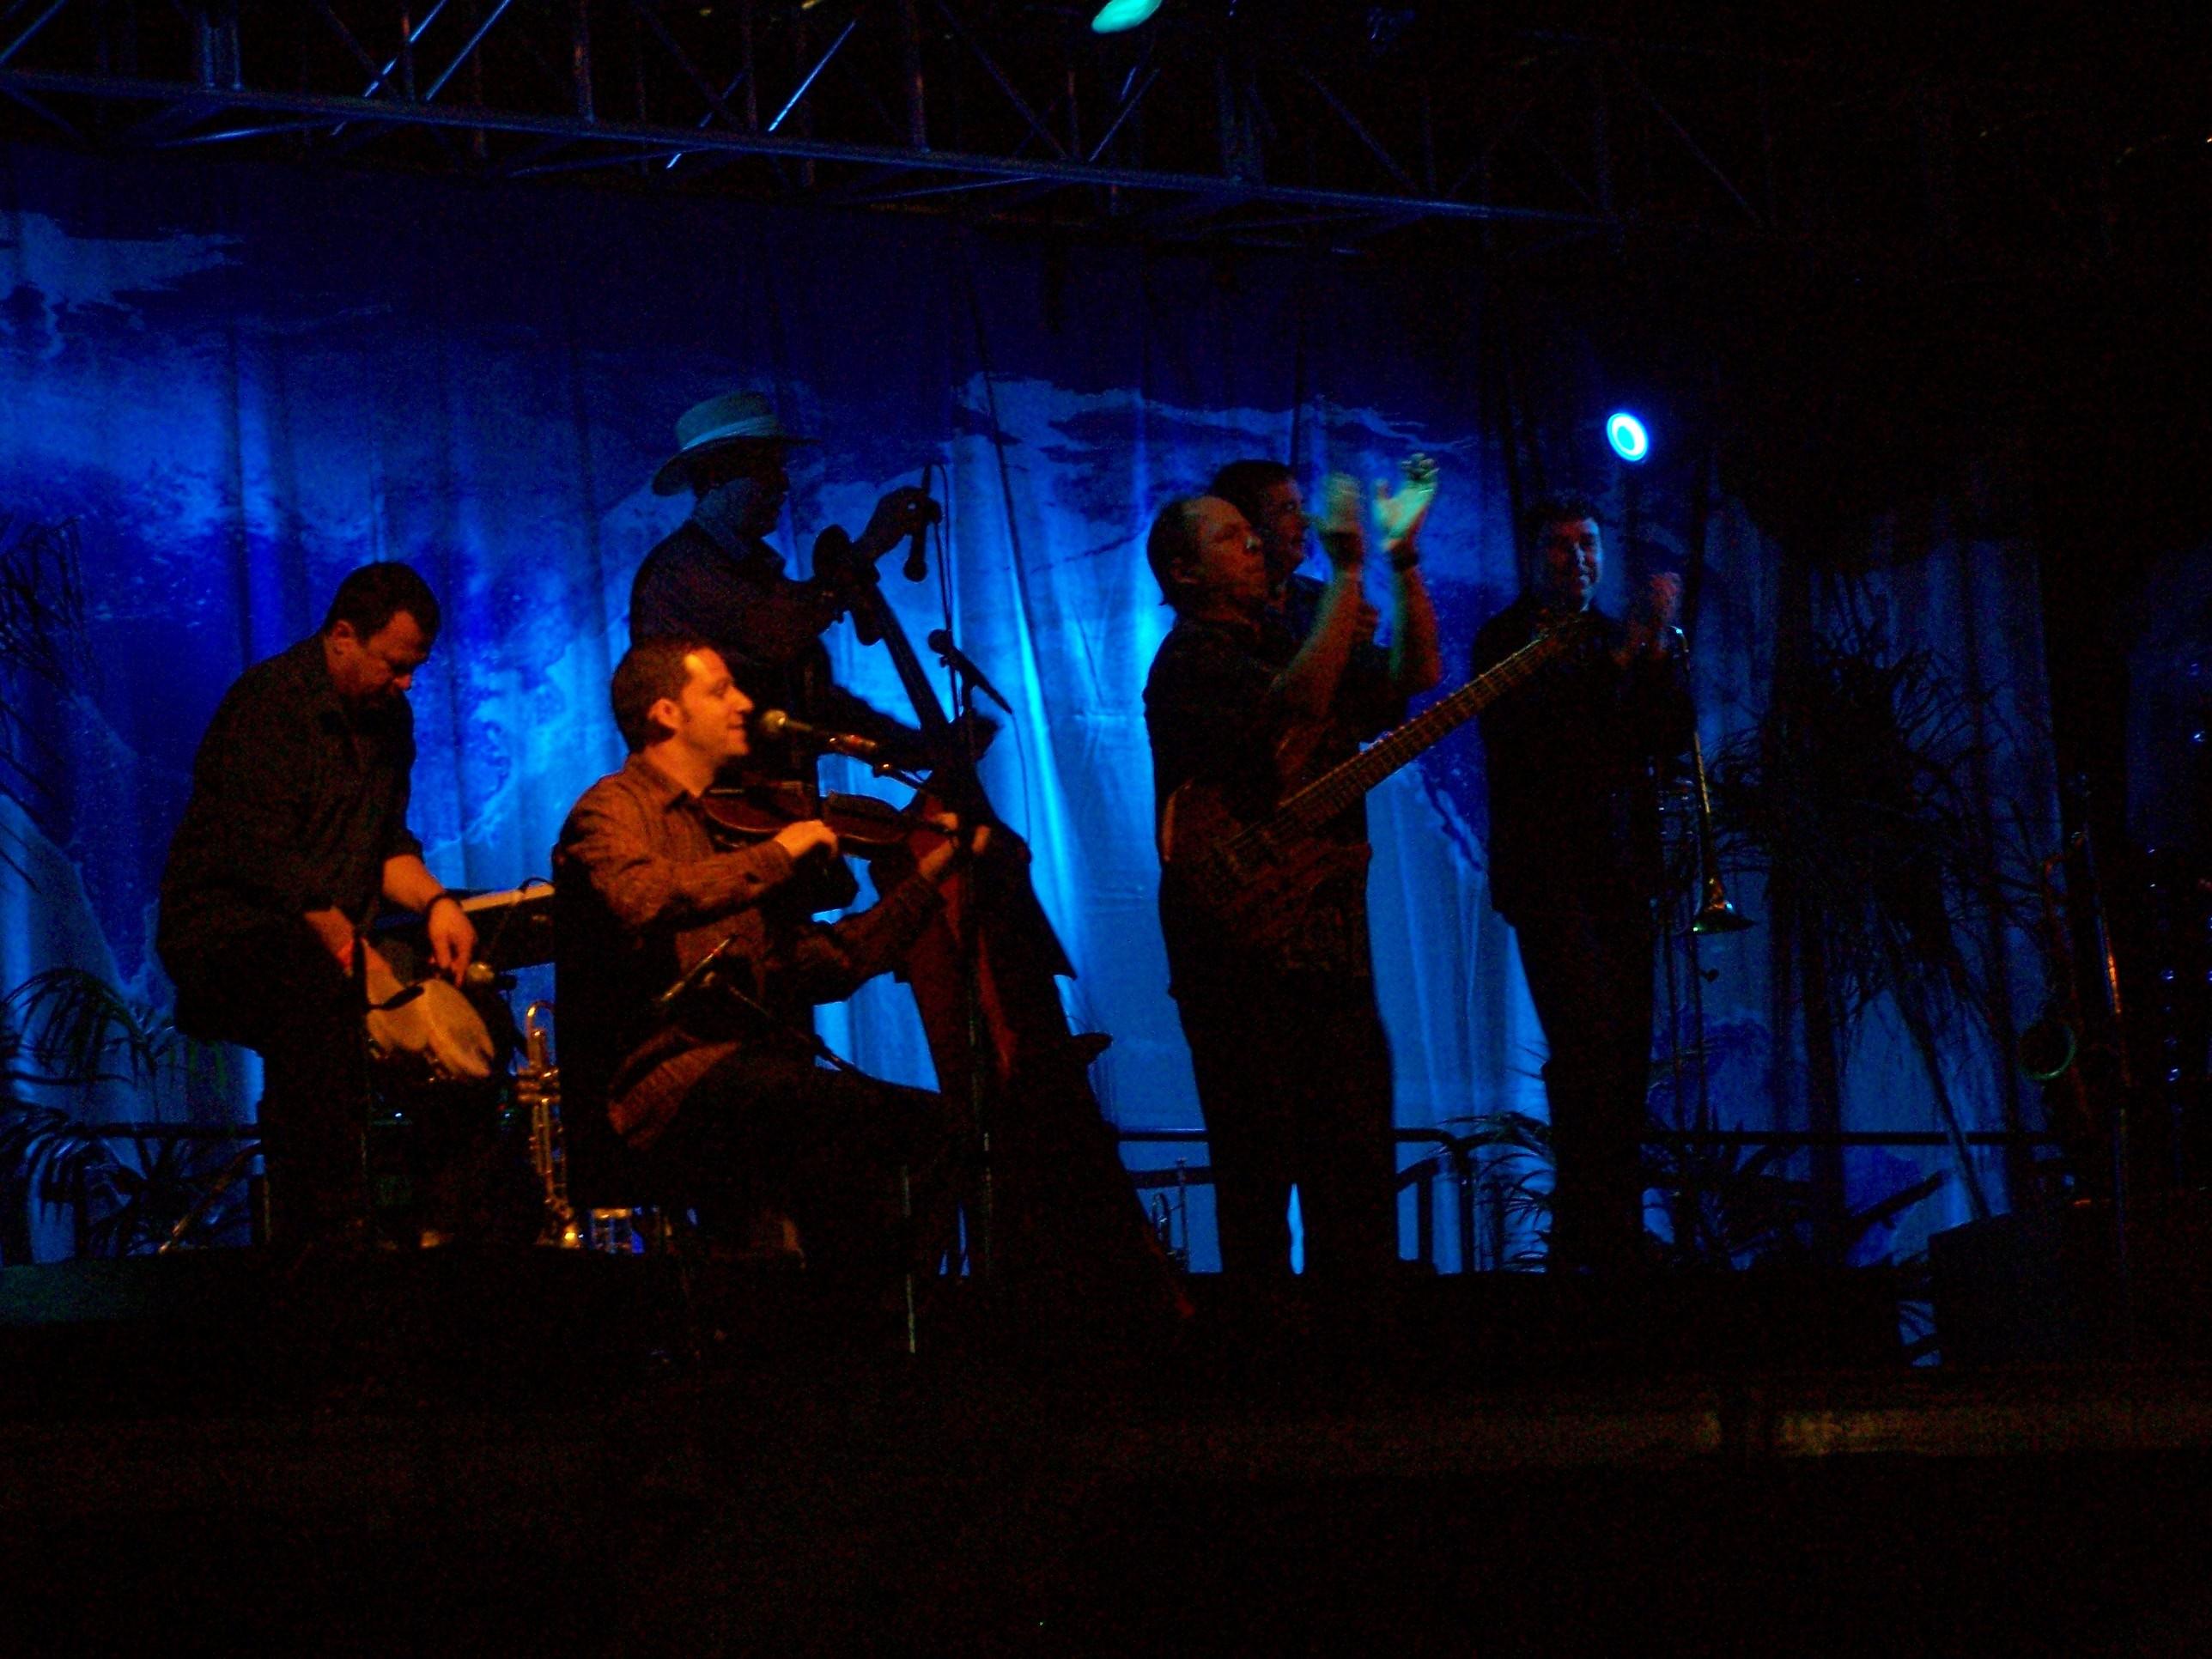 World Music Festival 2014: La Bottine Souriante + Pablo Menendez & Mezcla